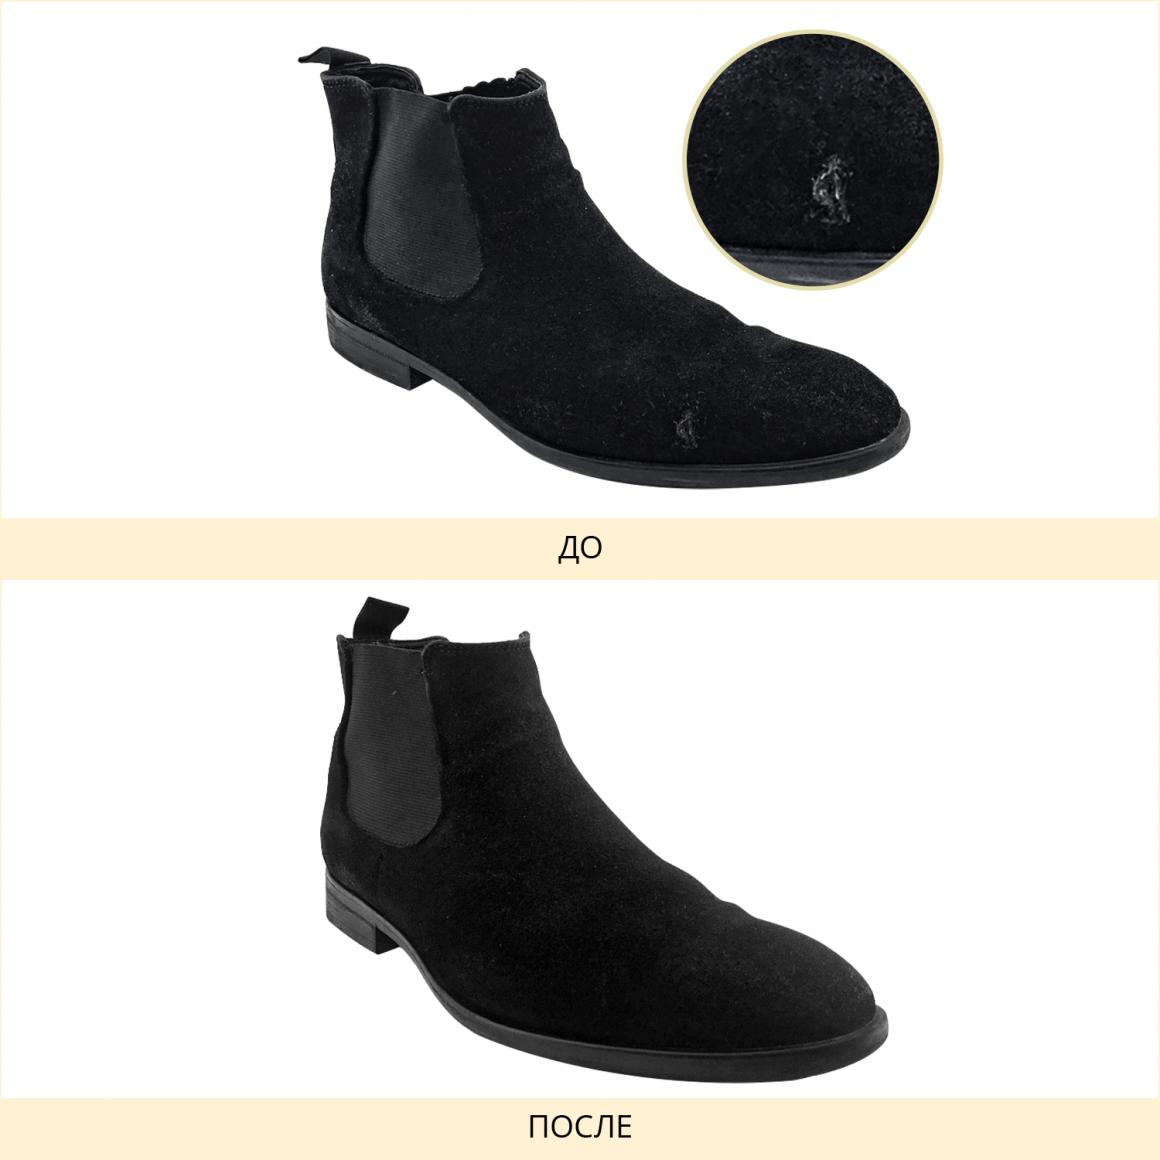 Фото до и после ремонта дырки на обуви